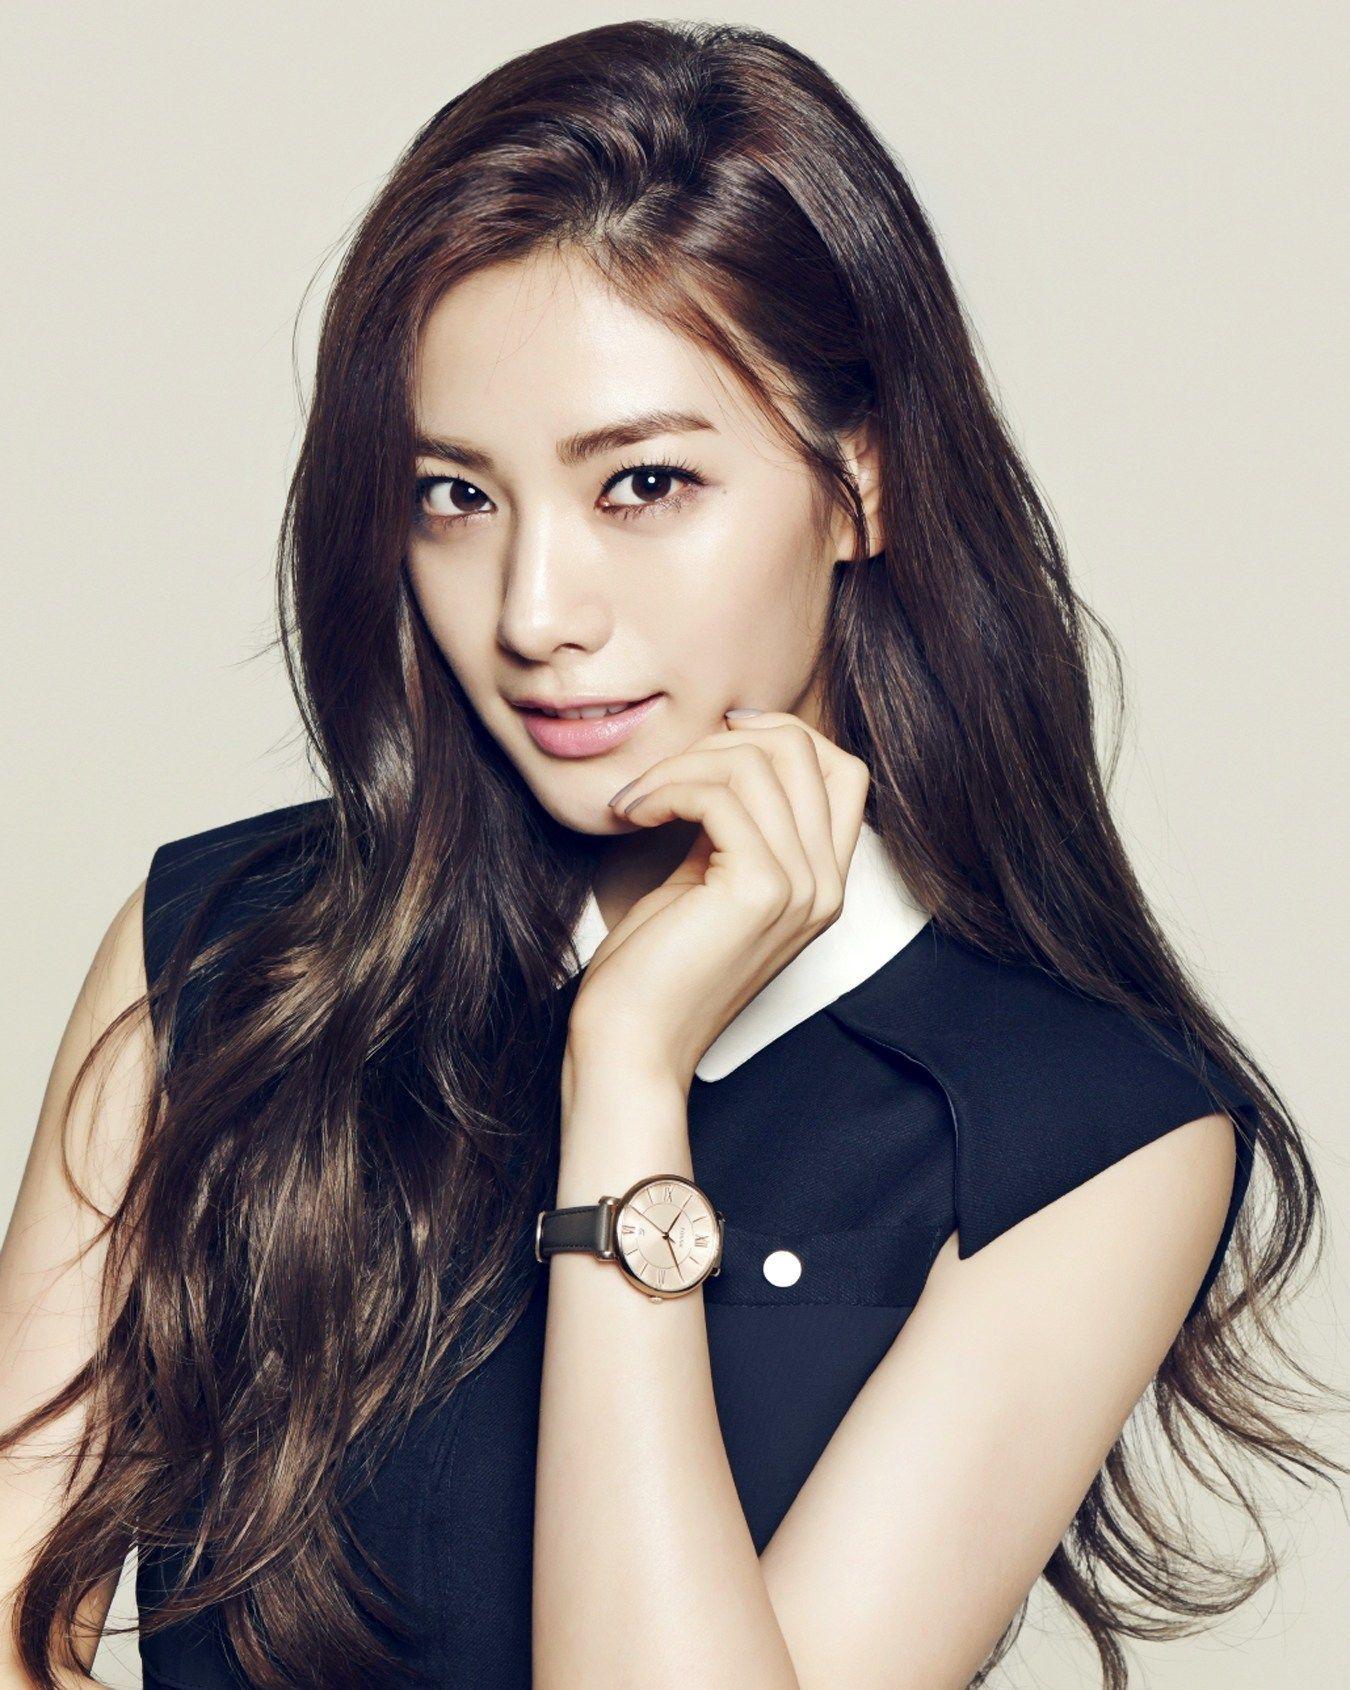 Korean Beauty Hair Trends Hairstyles Designs Most Beautiful Faces Korean Beauty Korean Hairstyle